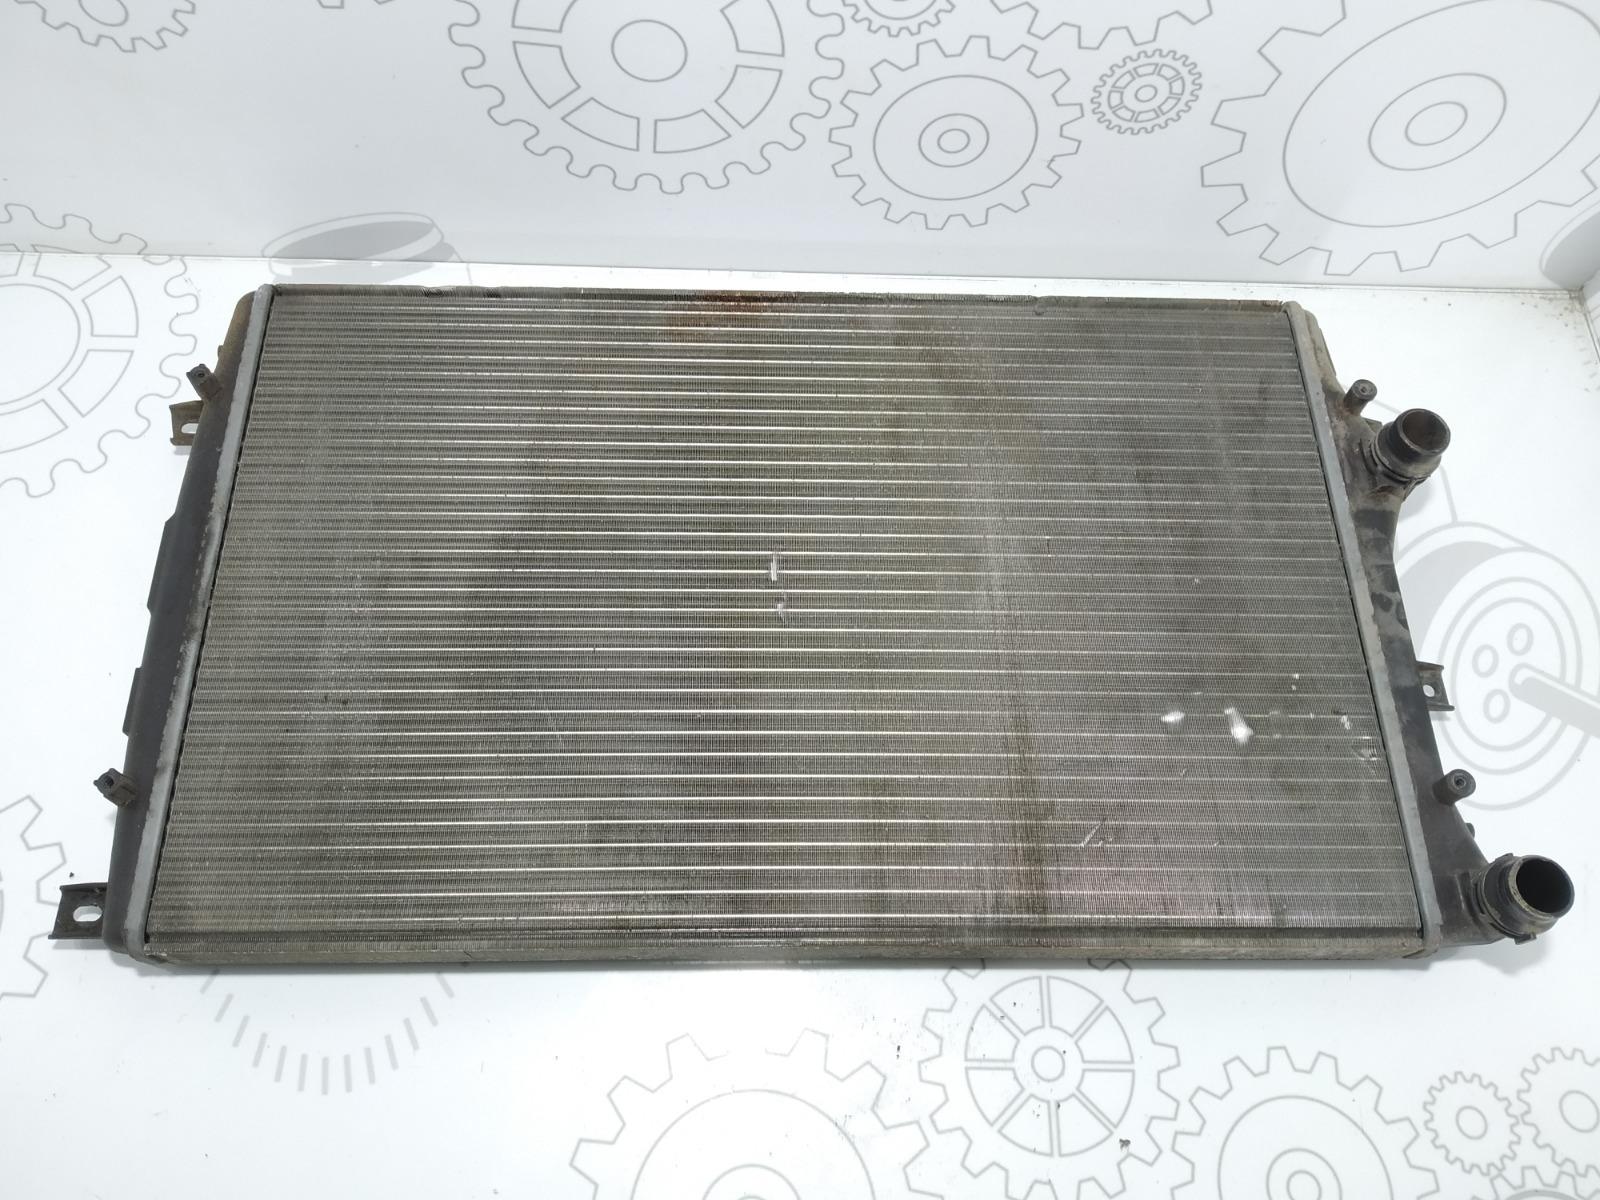 Радиатор (основной) Seat Altea 1.9 TDI 2008 (б/у)